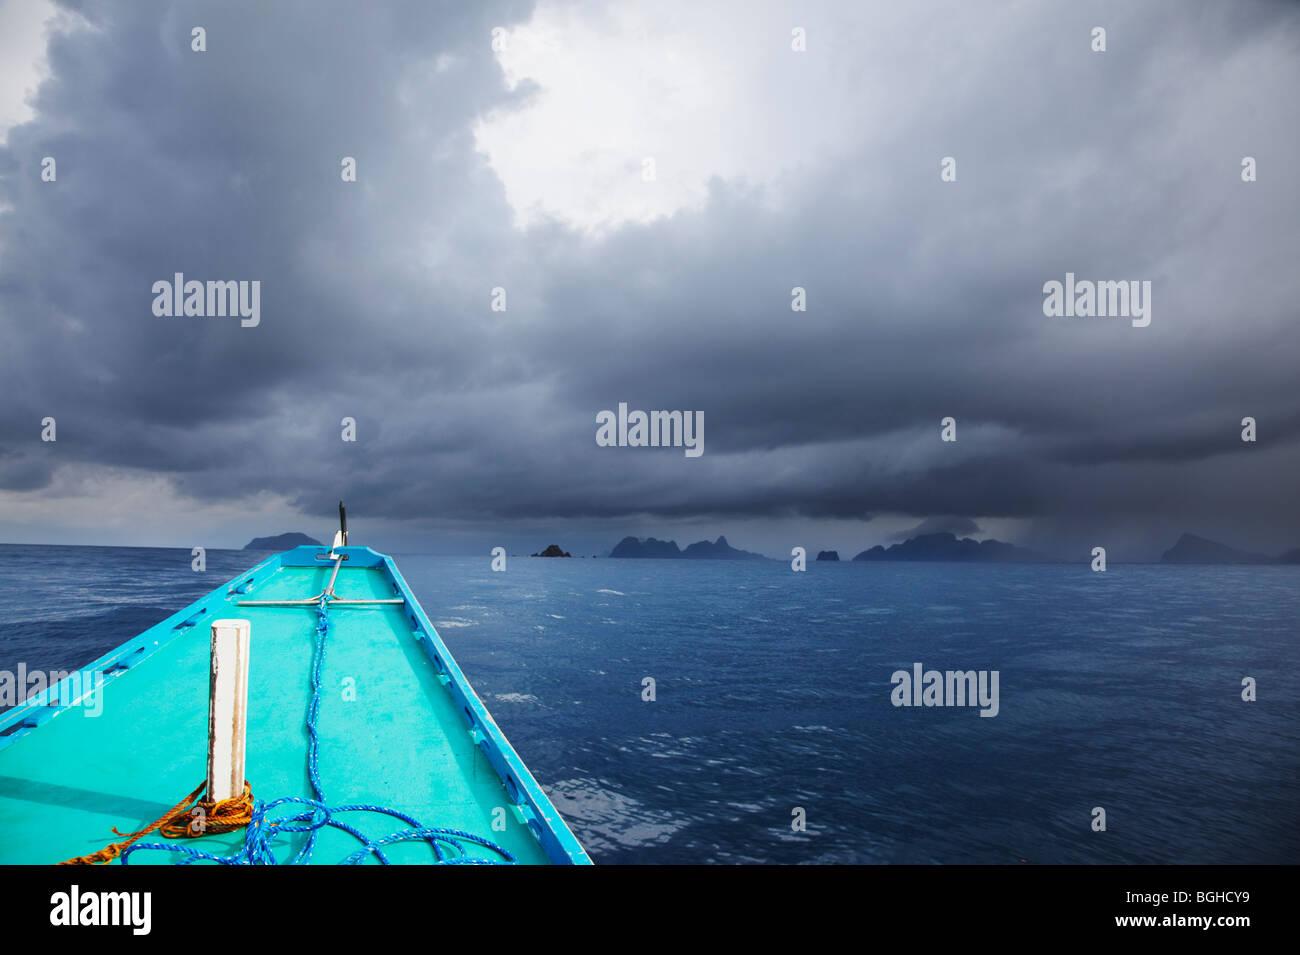 Banca barco rumbo a Stormy weather, Palawan, Filipinas. Foto de stock